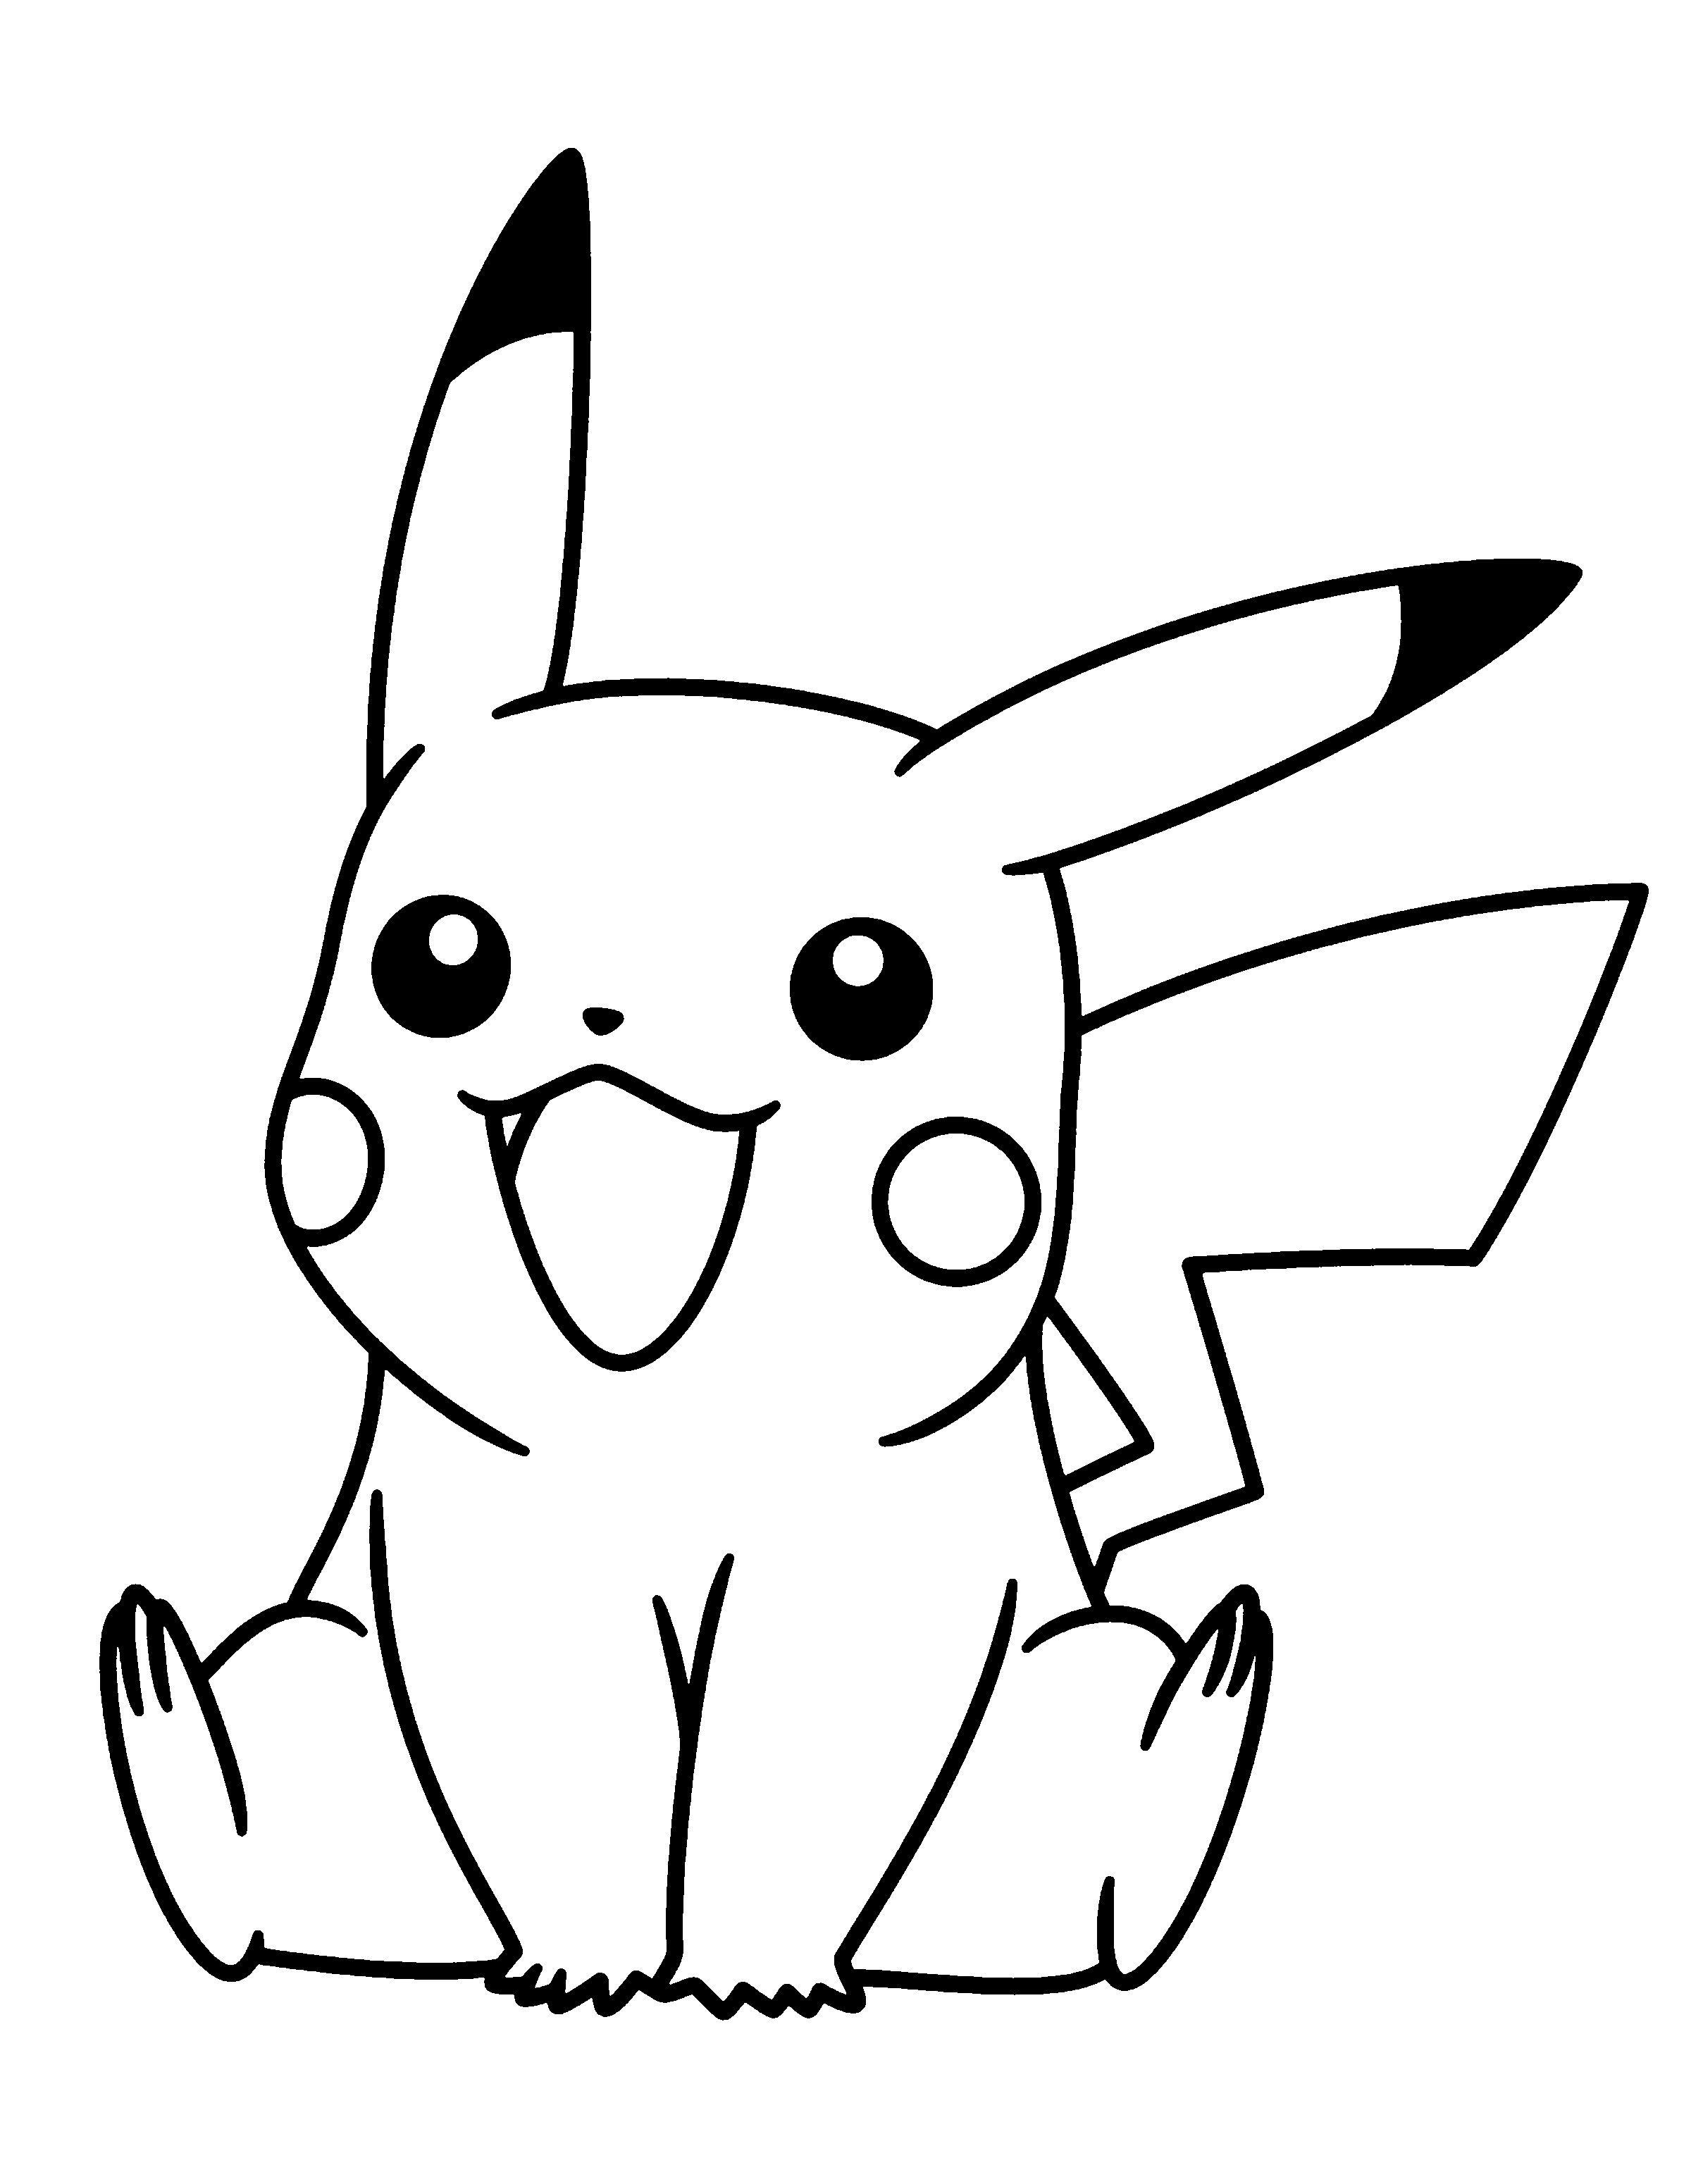 Tranh tô màu nhân vật pikachu